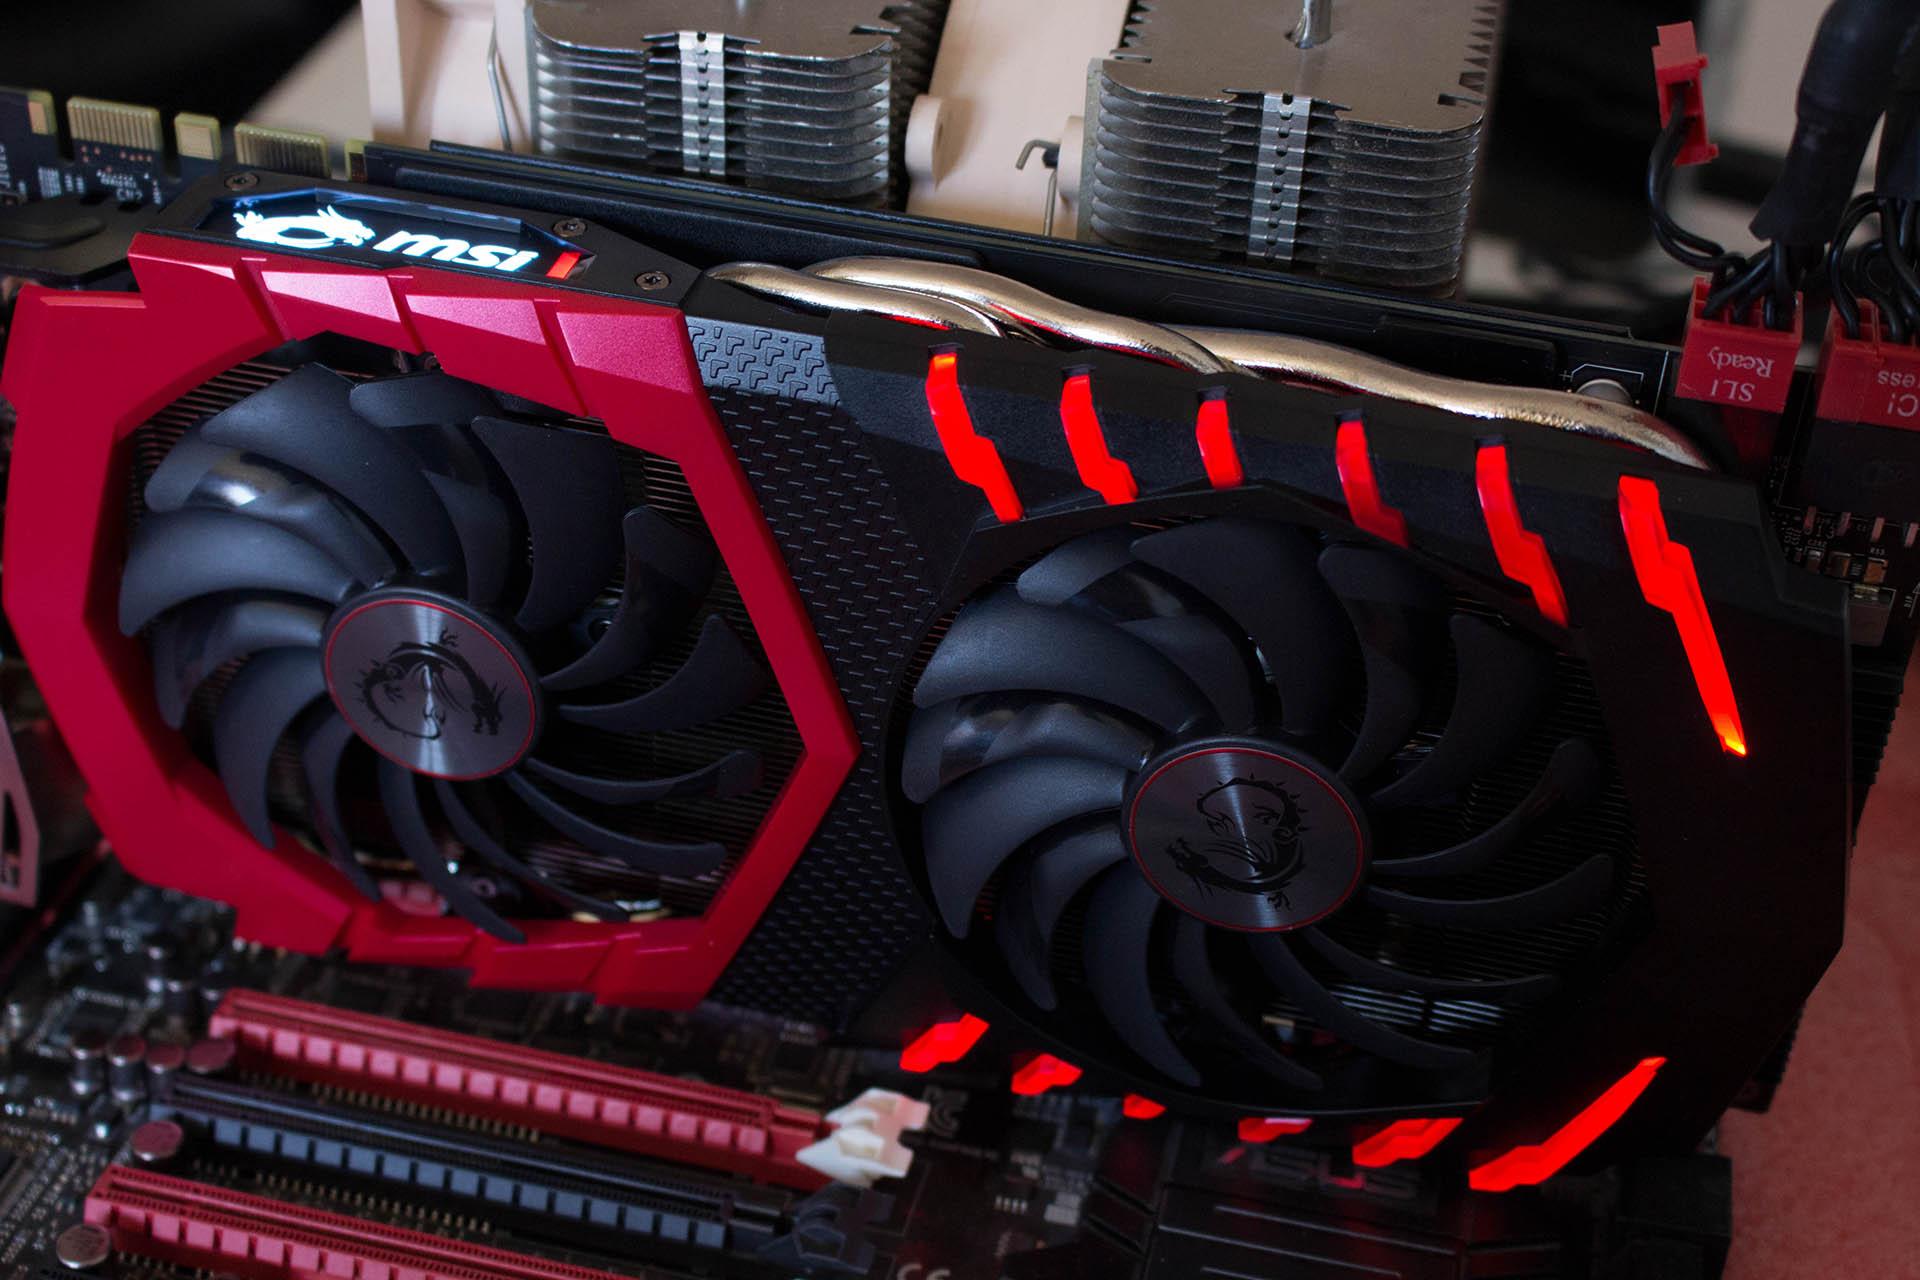 MSI GeForce GTX1080 Gaming X test